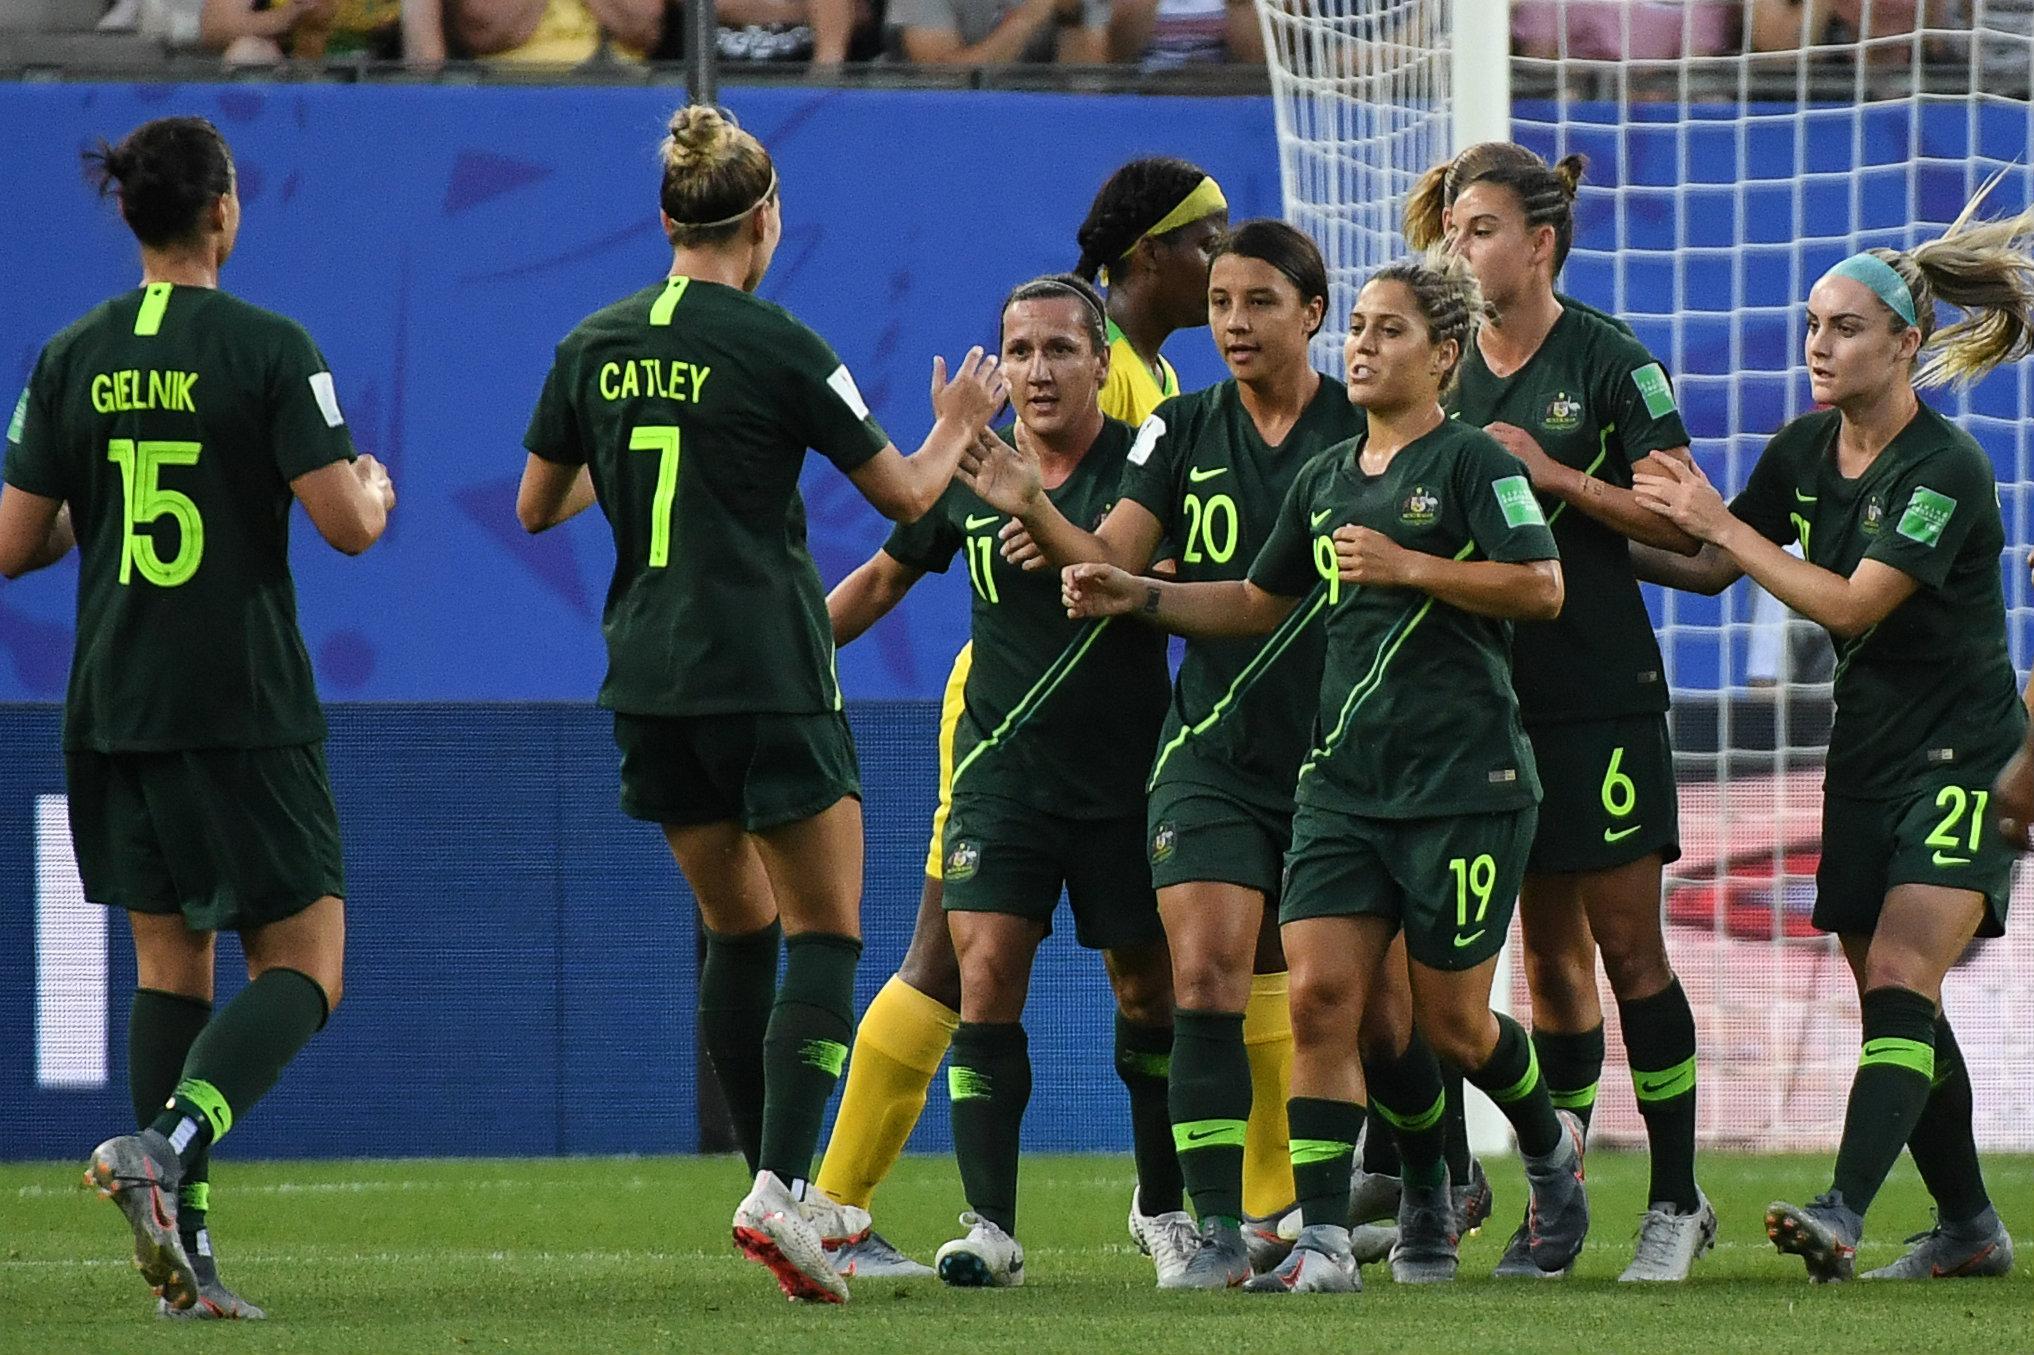 Matildas celebrate